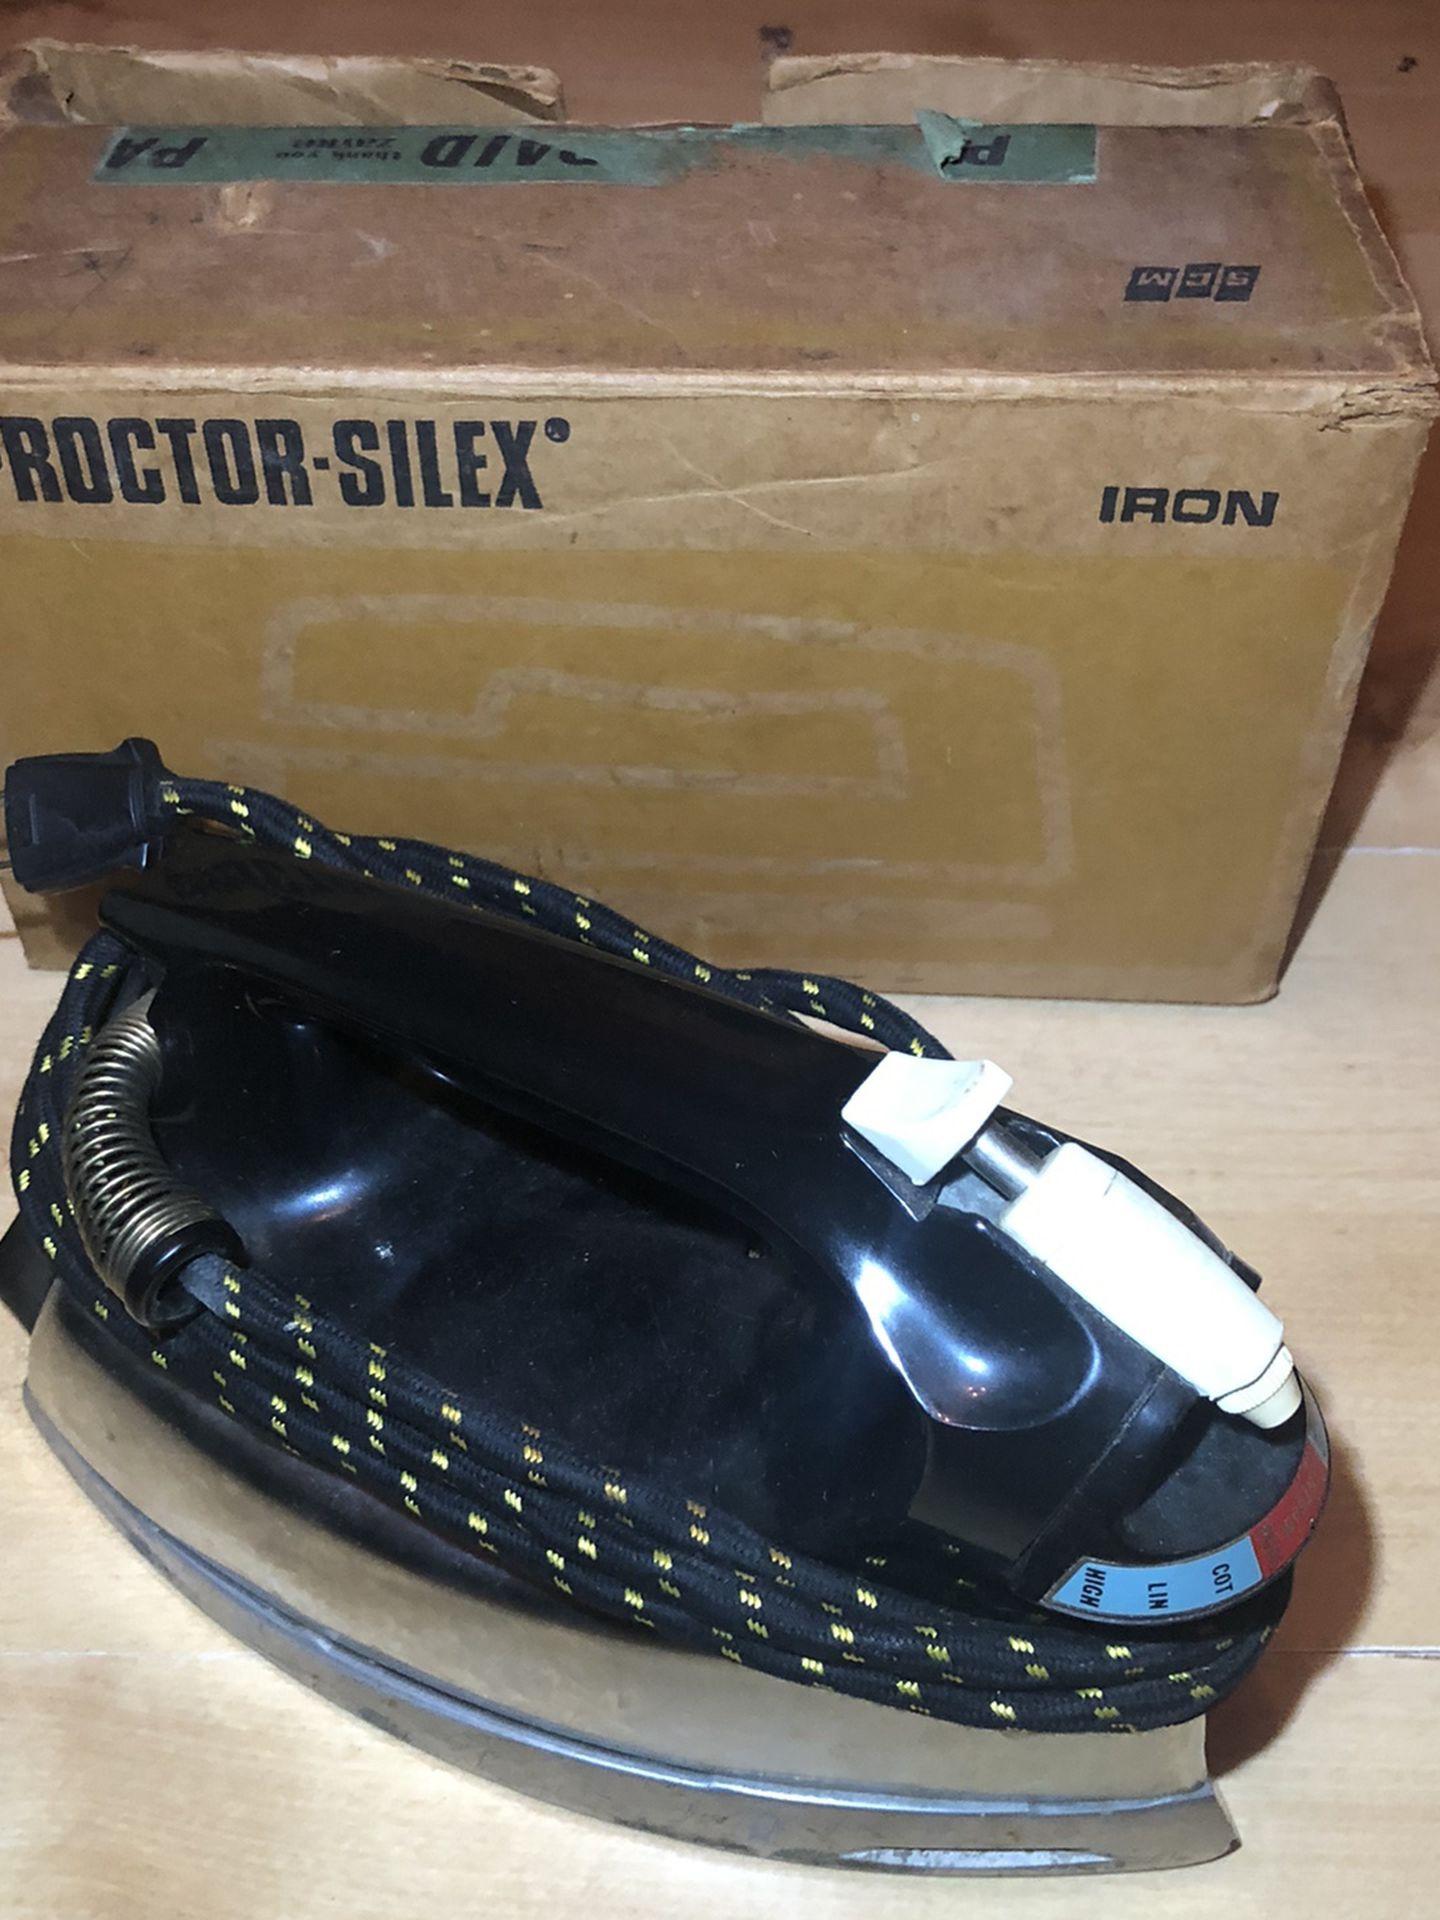 Vintage Proctor-Silex Steam Iron In Box